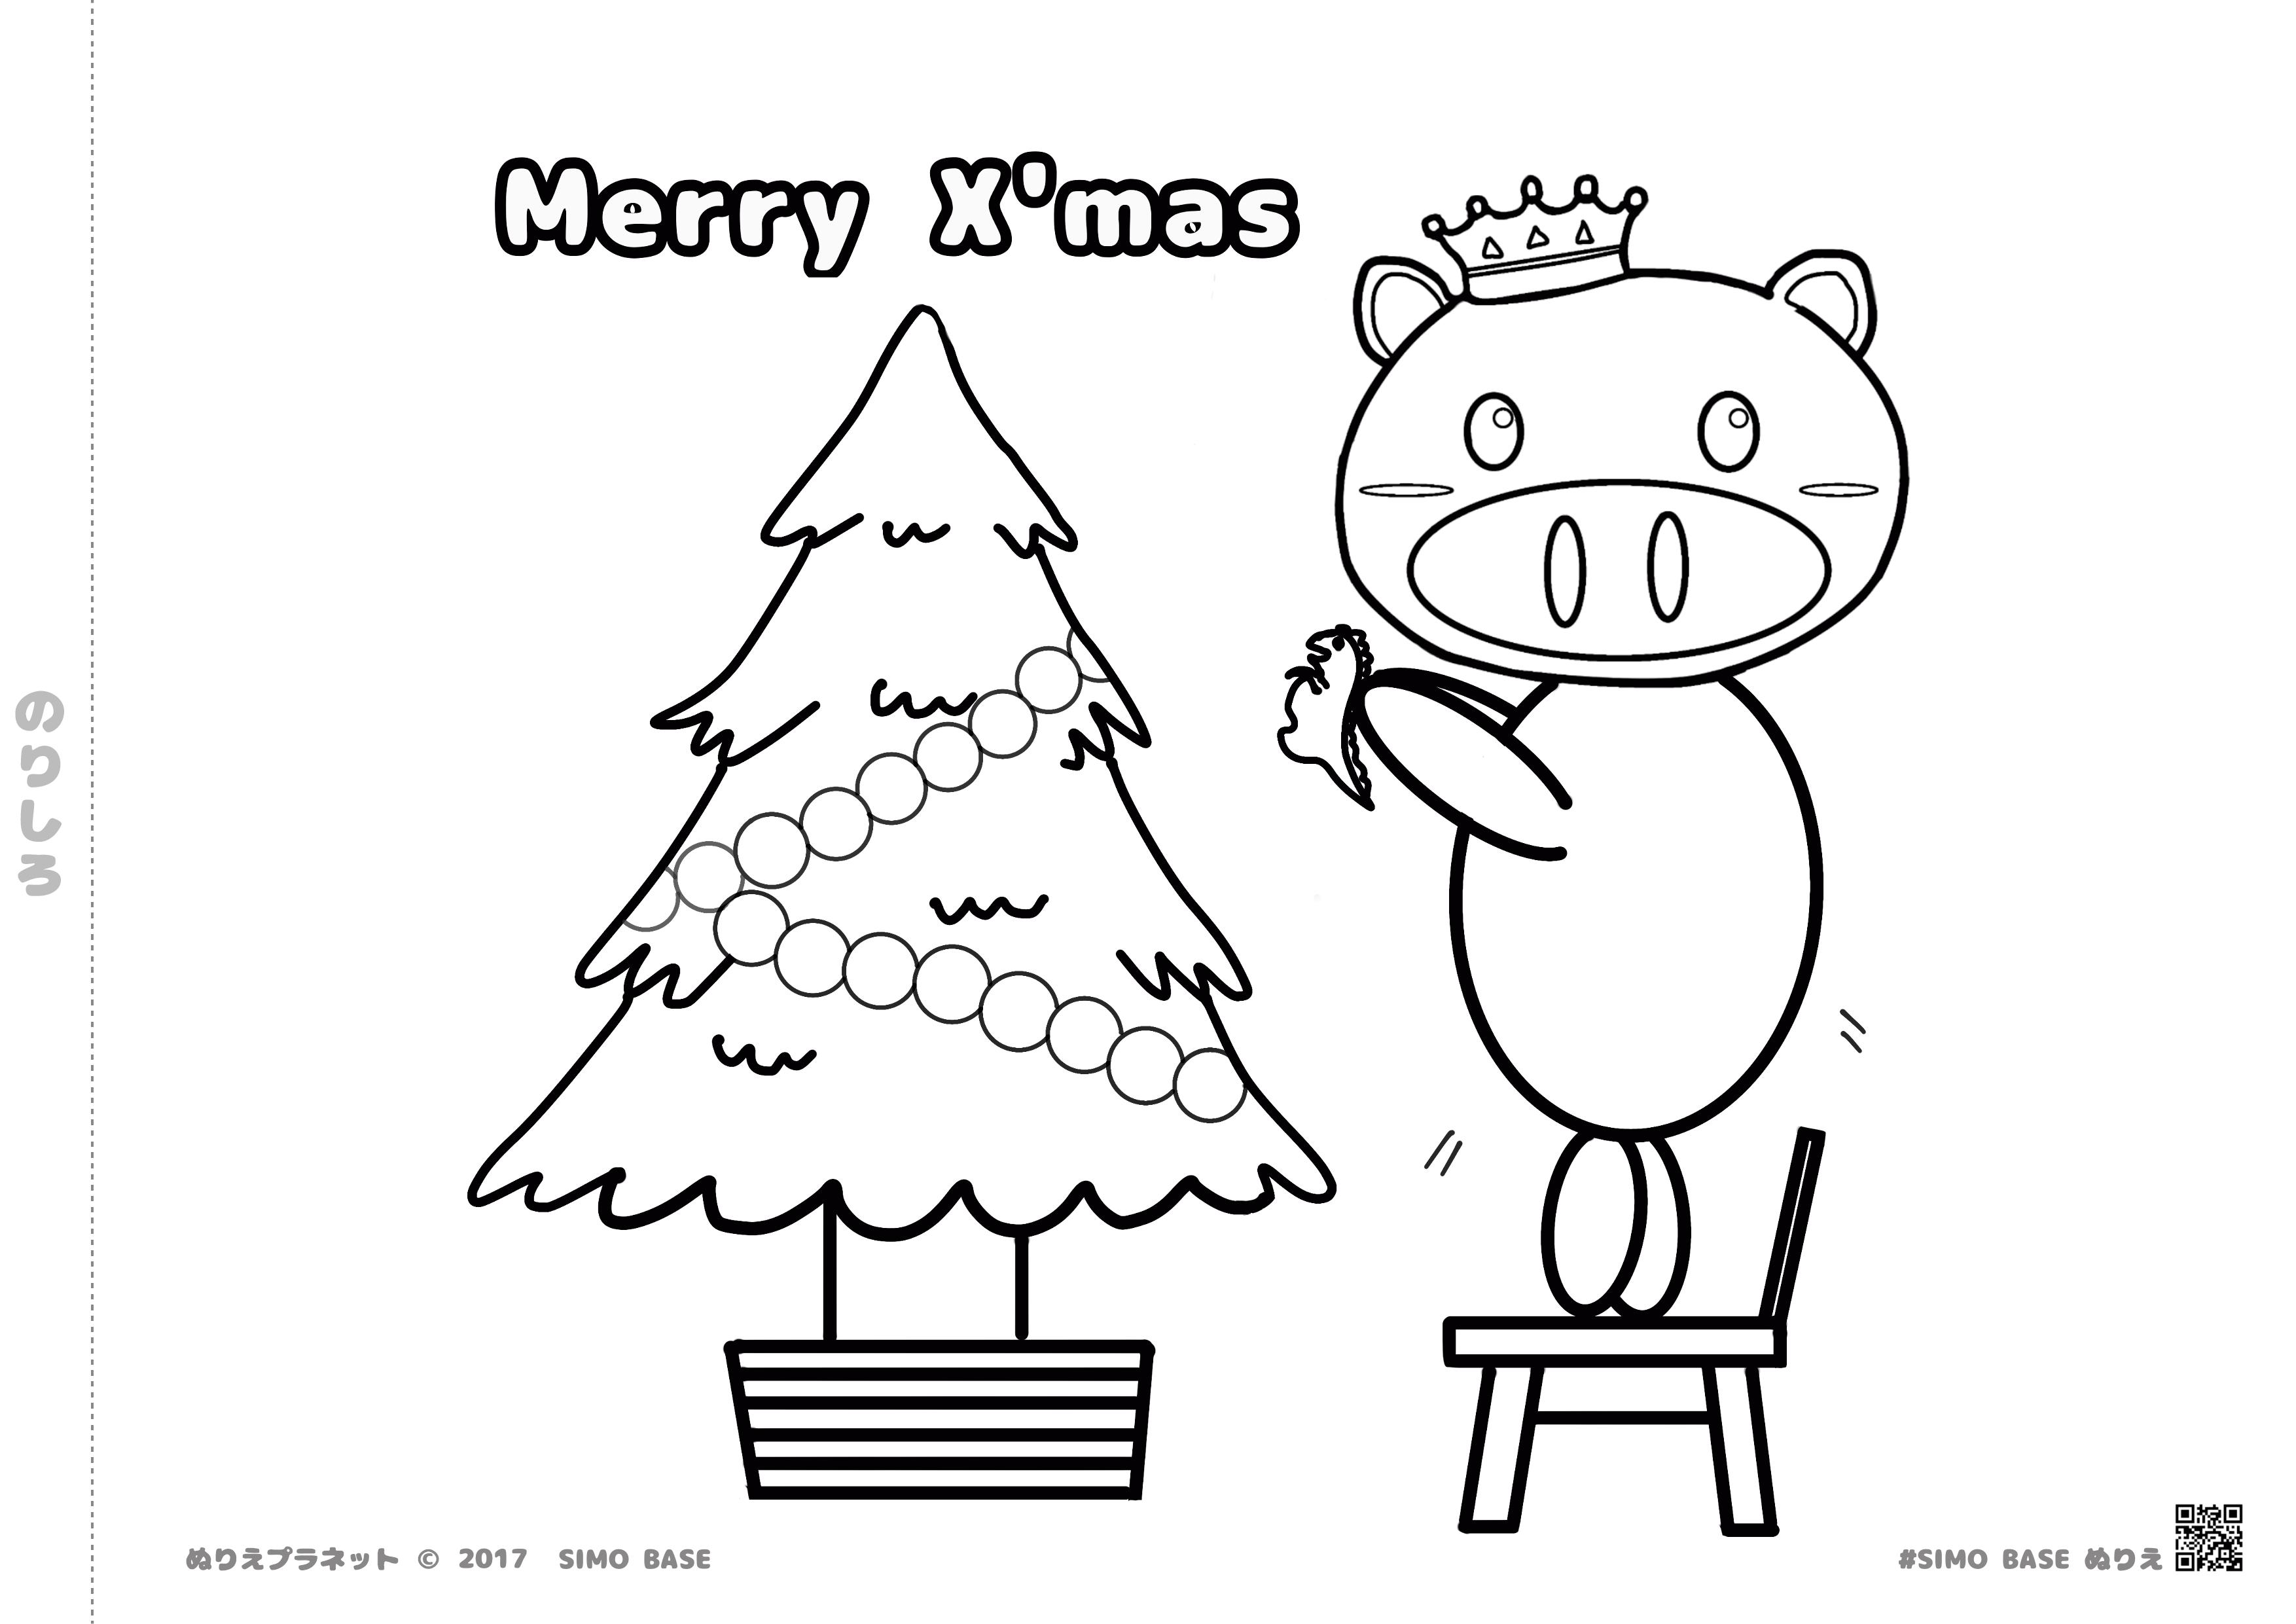 可愛い豚と恐竜のクリスマス。SIMOBASEのぬりえです。